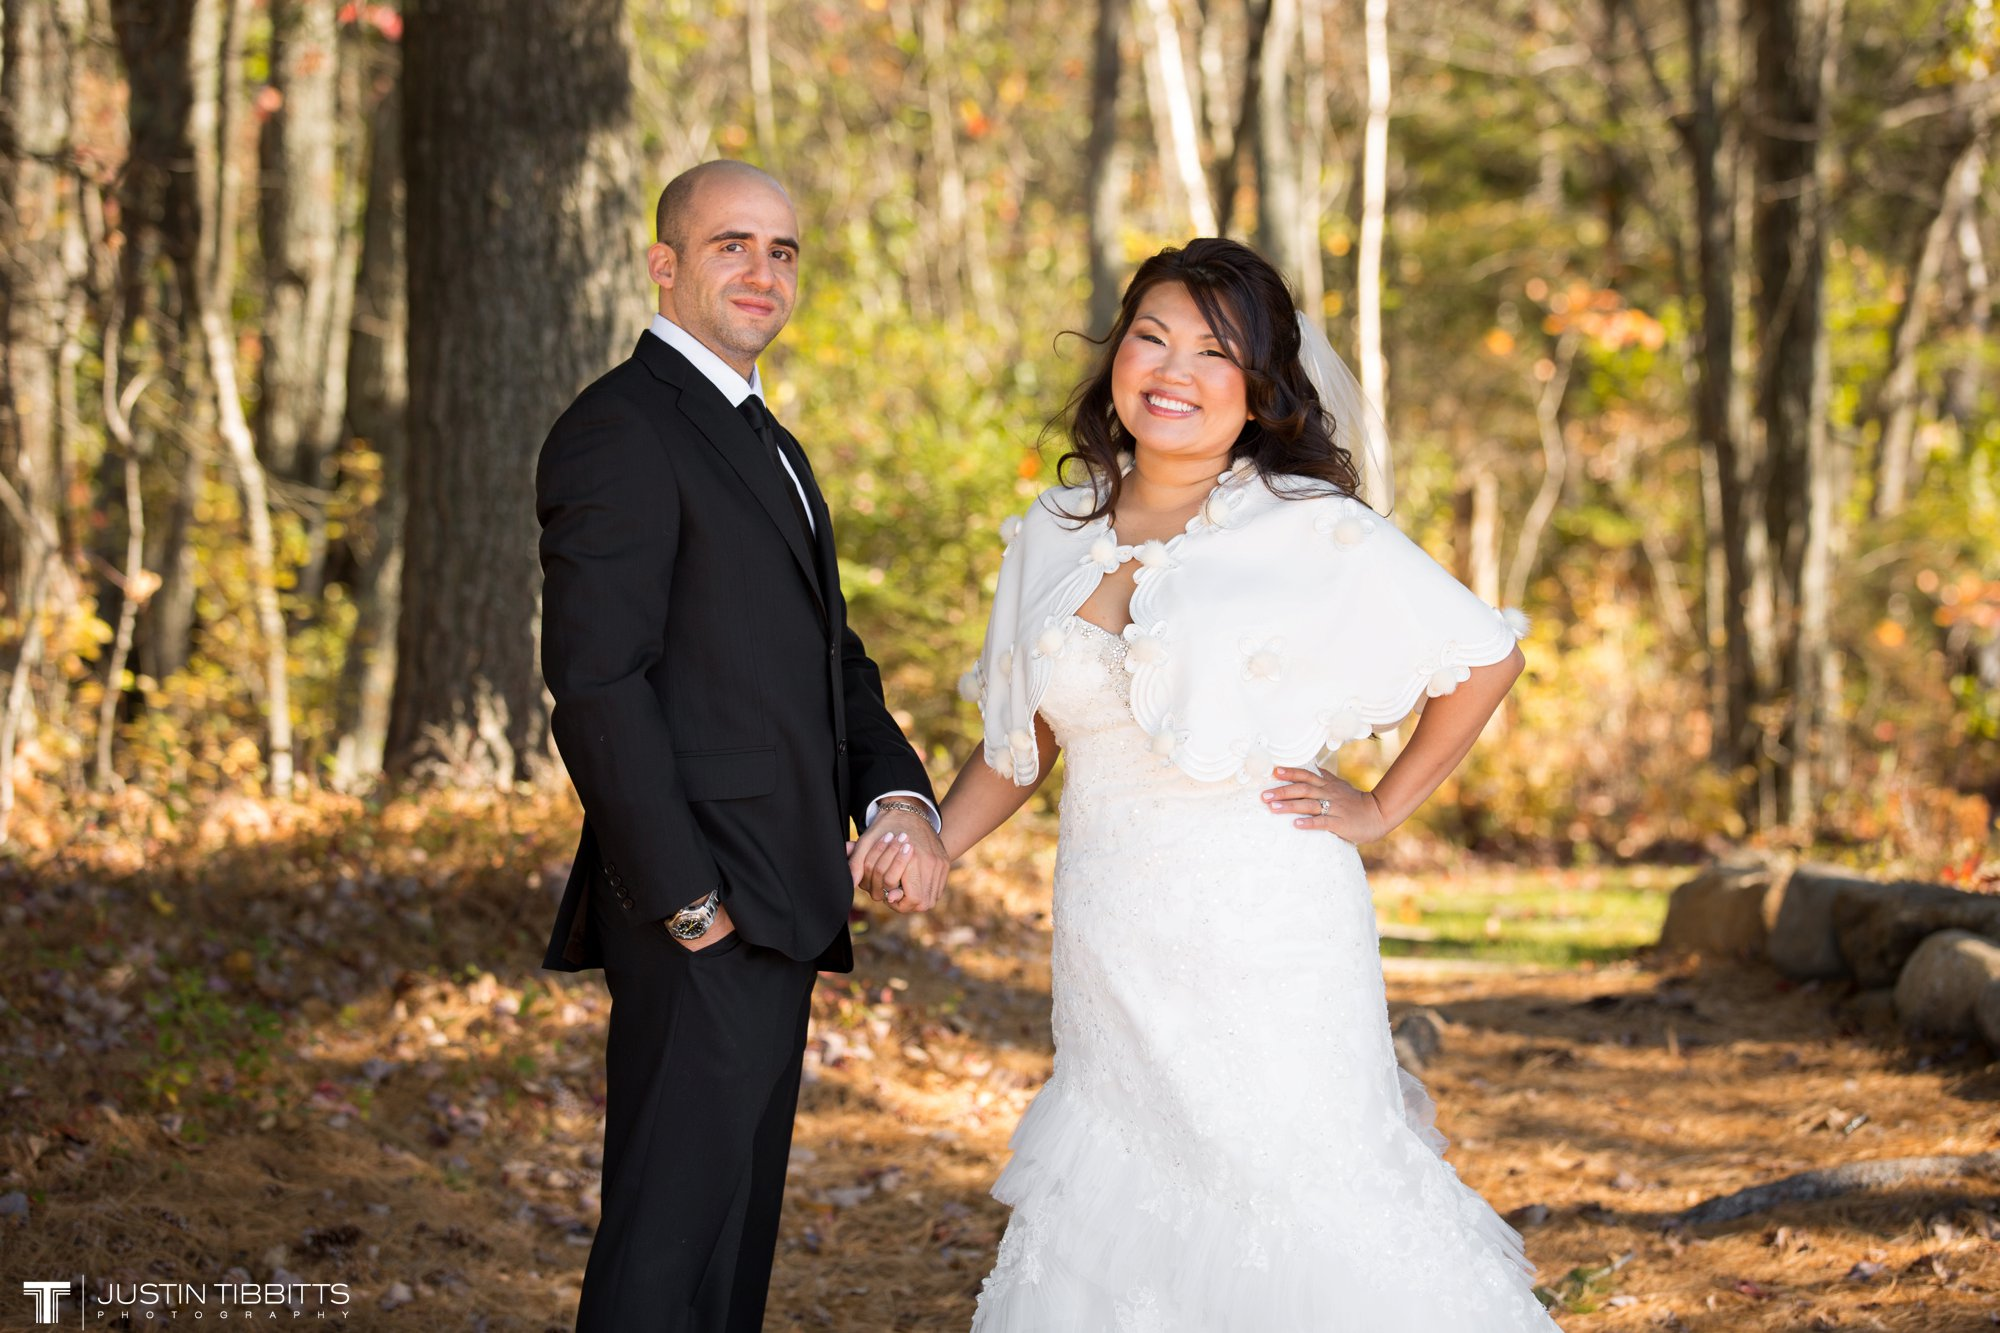 Justin Tibbitts Photography Uva Melody Lodge, NY Wedding-153